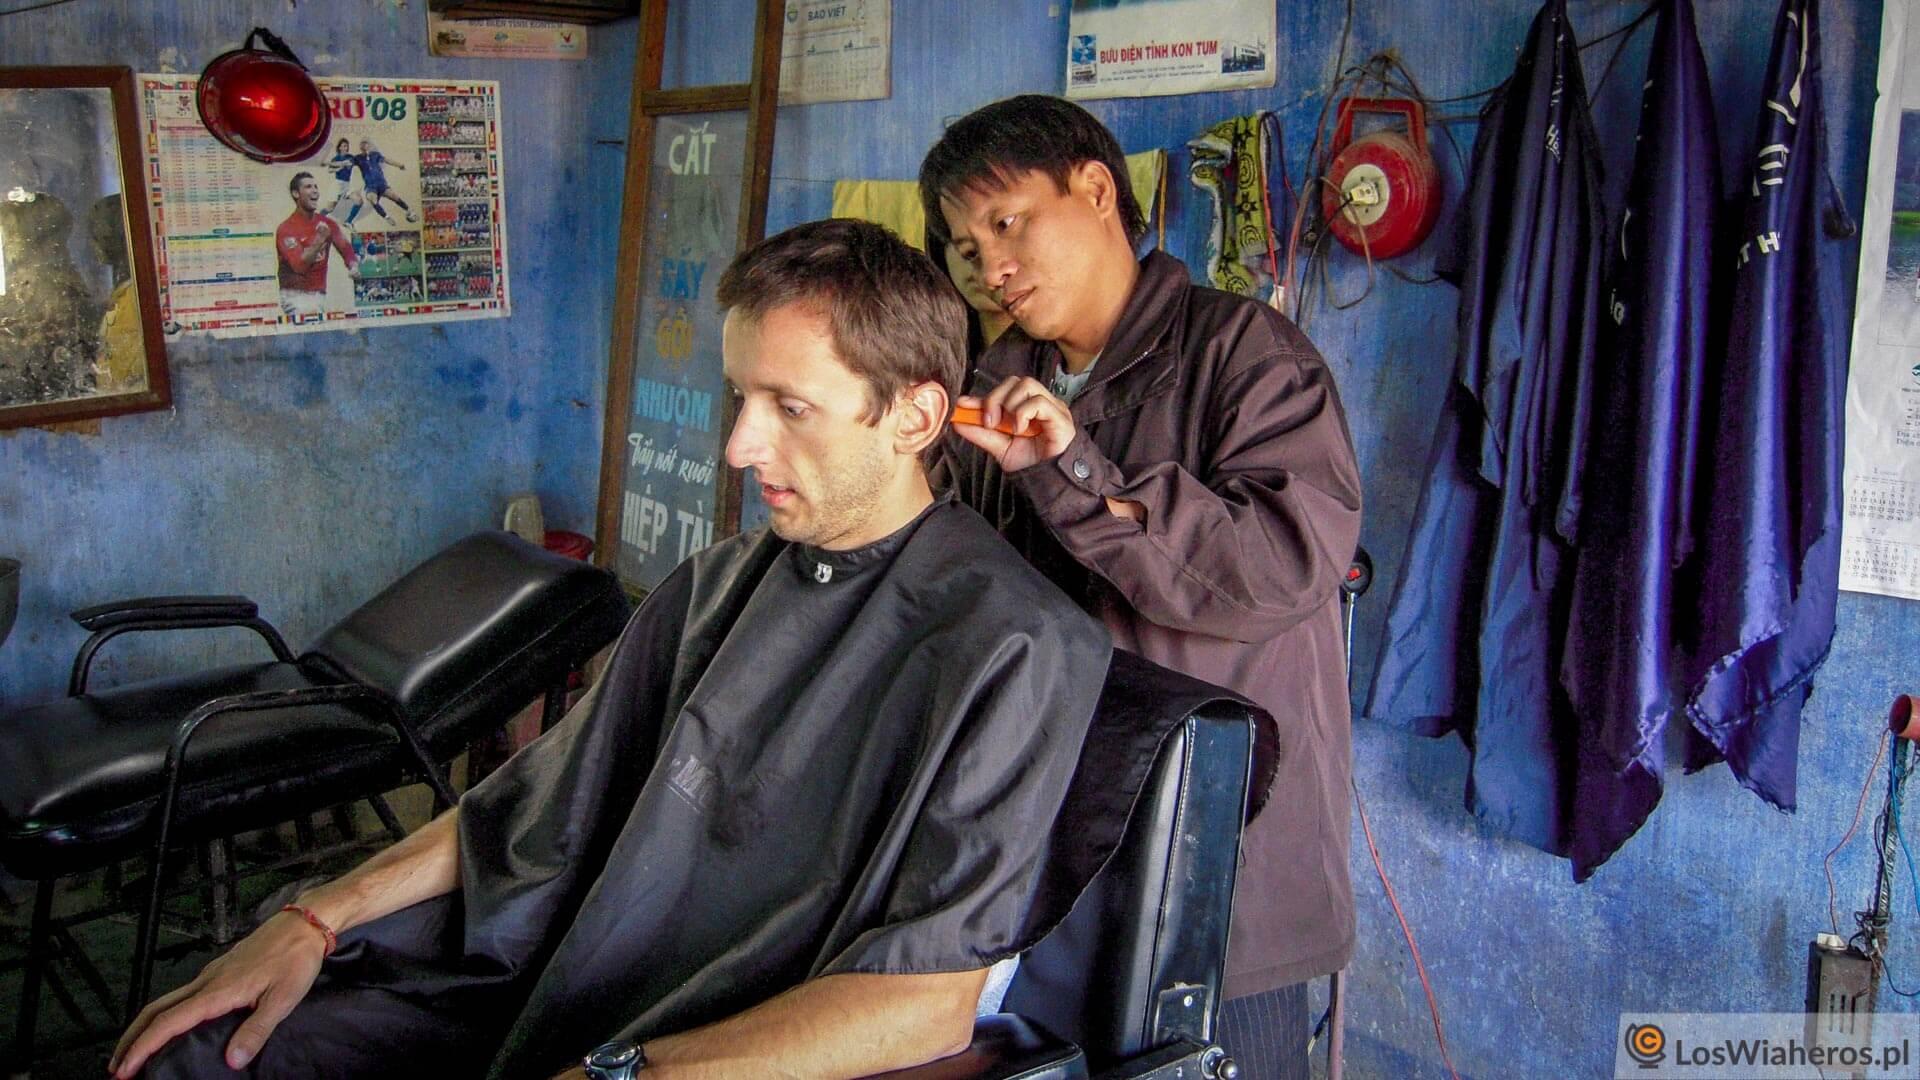 Prawie w każdym odwiedzanym kraju zaglądałem do fryzjera. Tym razem w Wietnamie - bez przygód i bez zakażenia HCV.